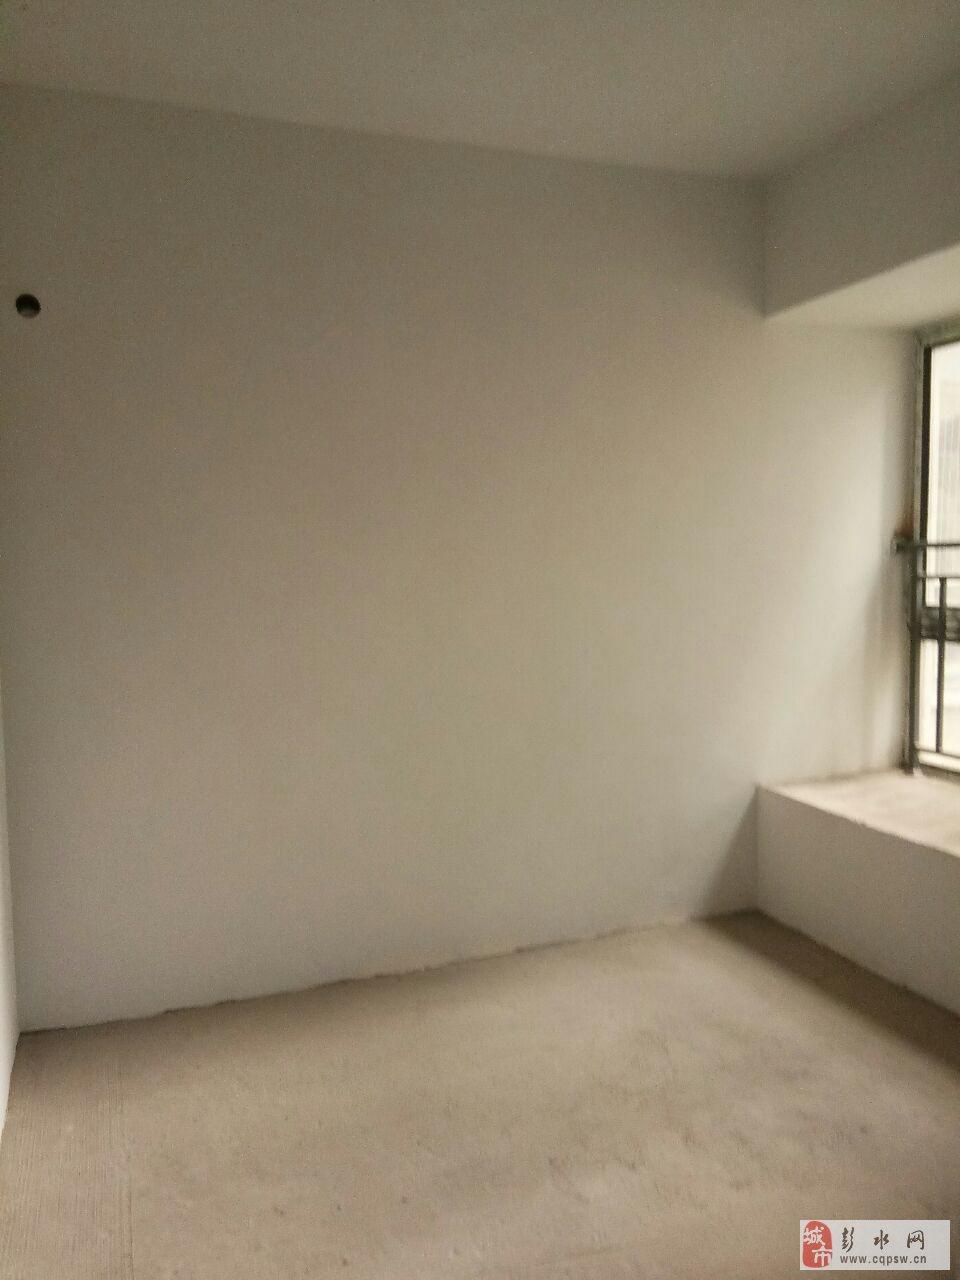 黔龙阳光国际二期 3室2厅2卫  售价66.8万元